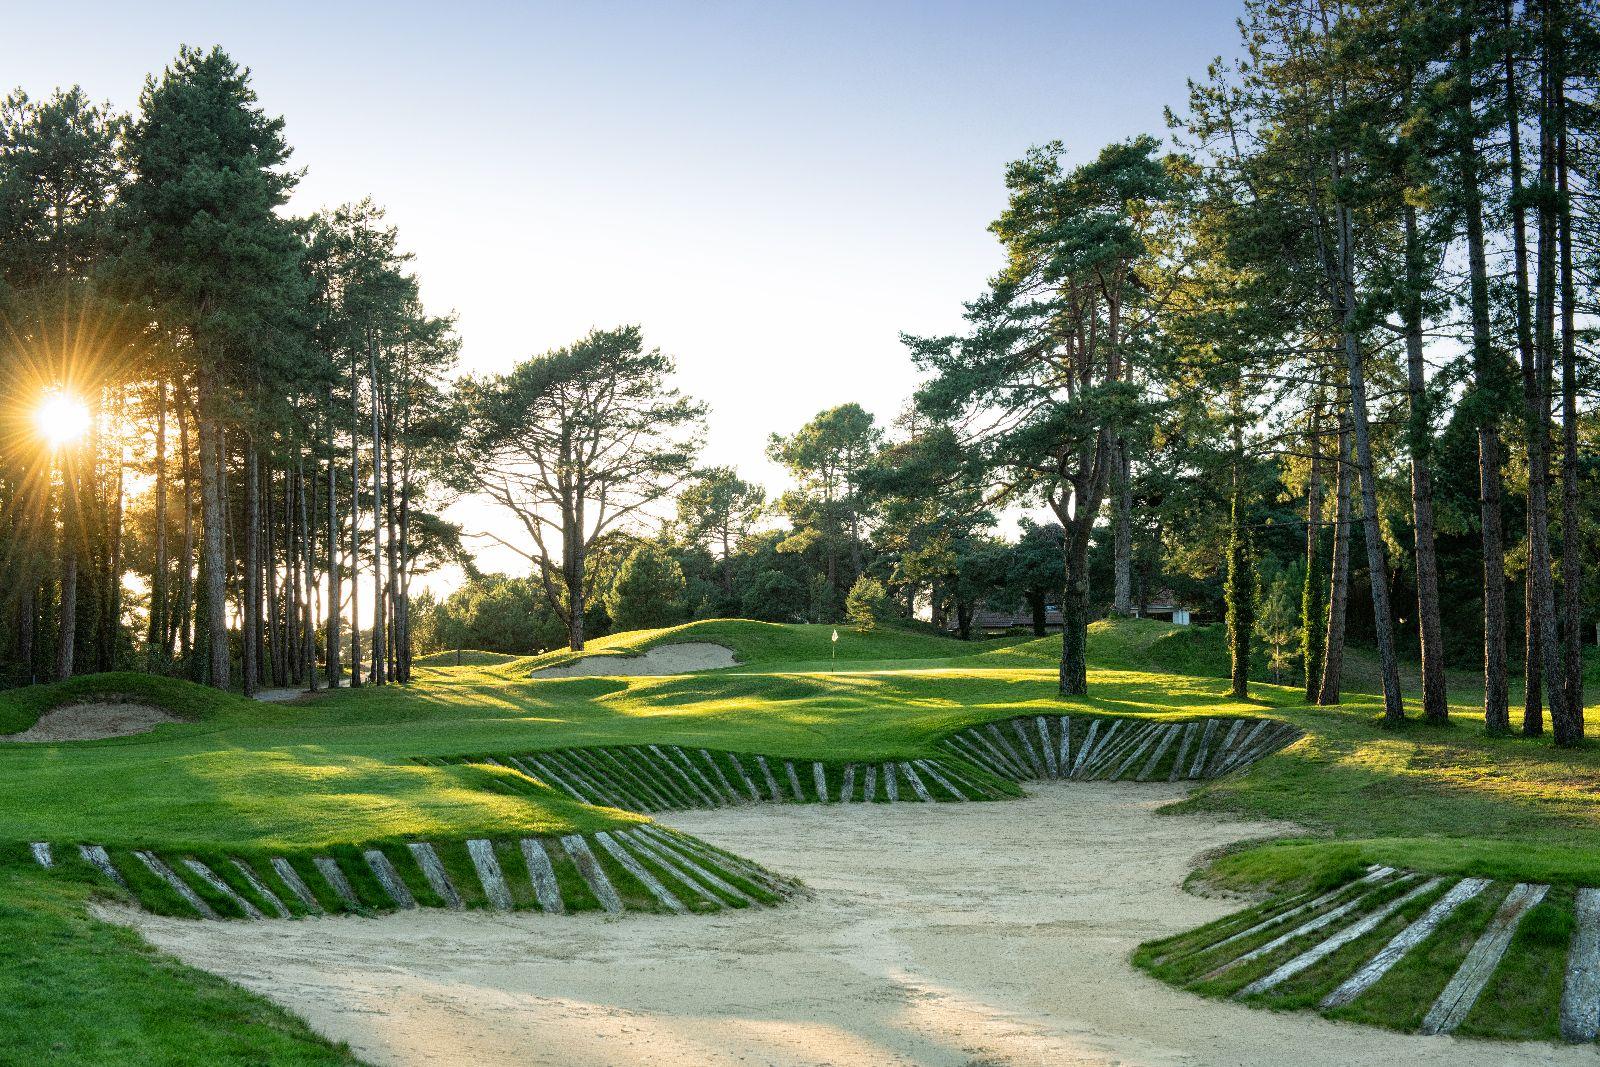 golf-expedition-golf-reizen-frankrijk-regio-pas-de-calais-le-manoir-hotel-golfbaan-in-natuur-met-bunker.jpg